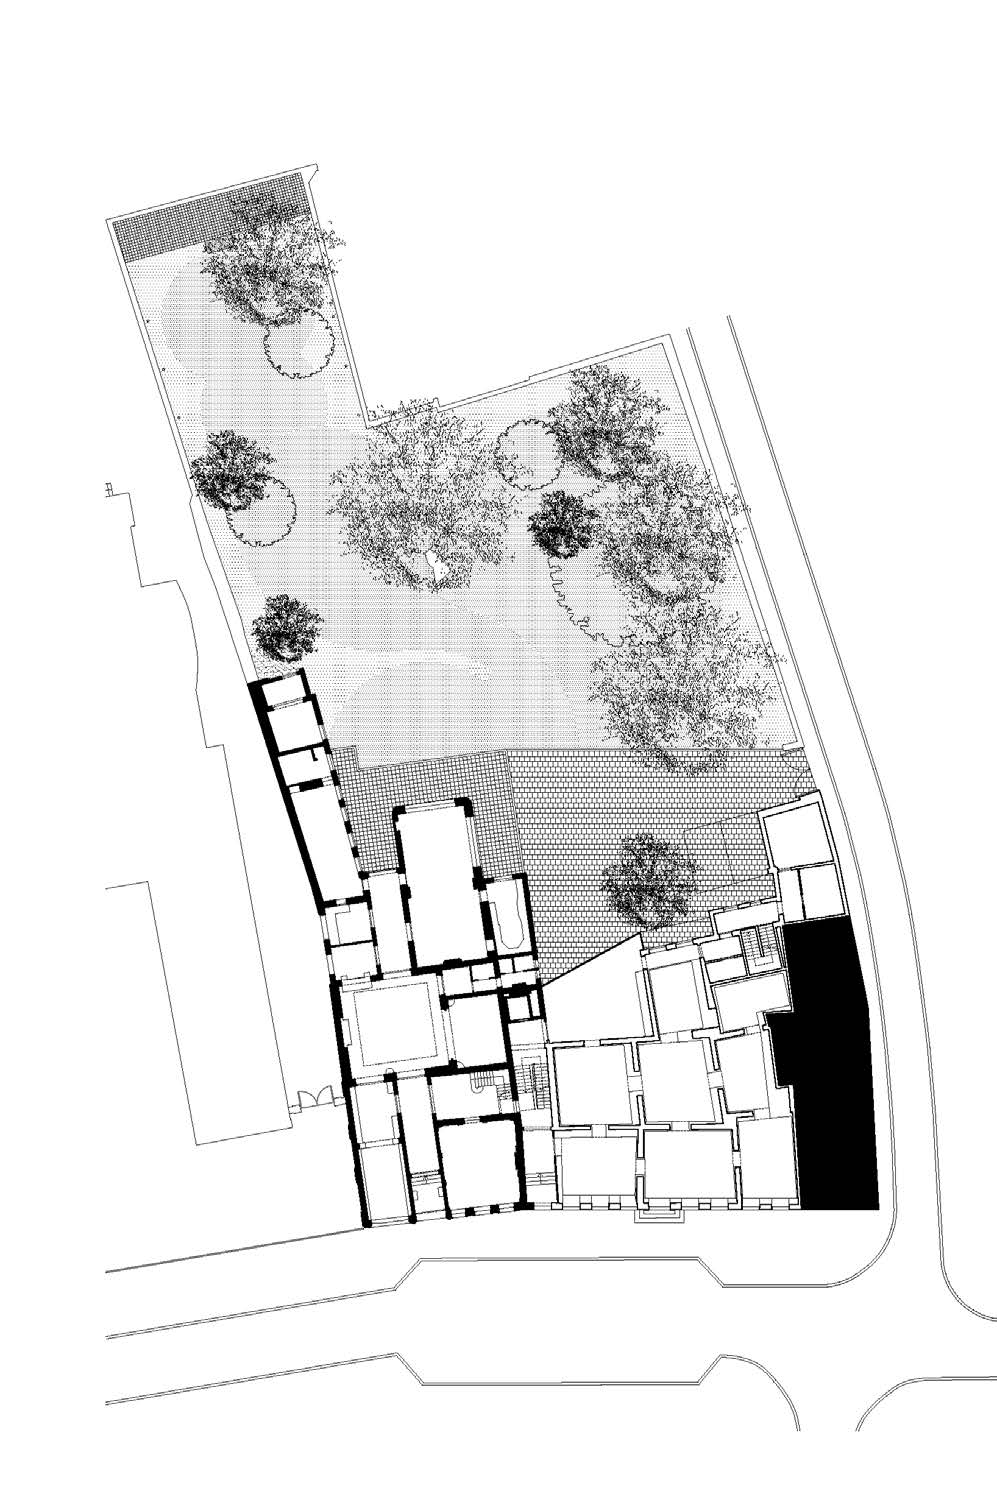 home-sketch/pict/losseau/Losseau-003.jpg